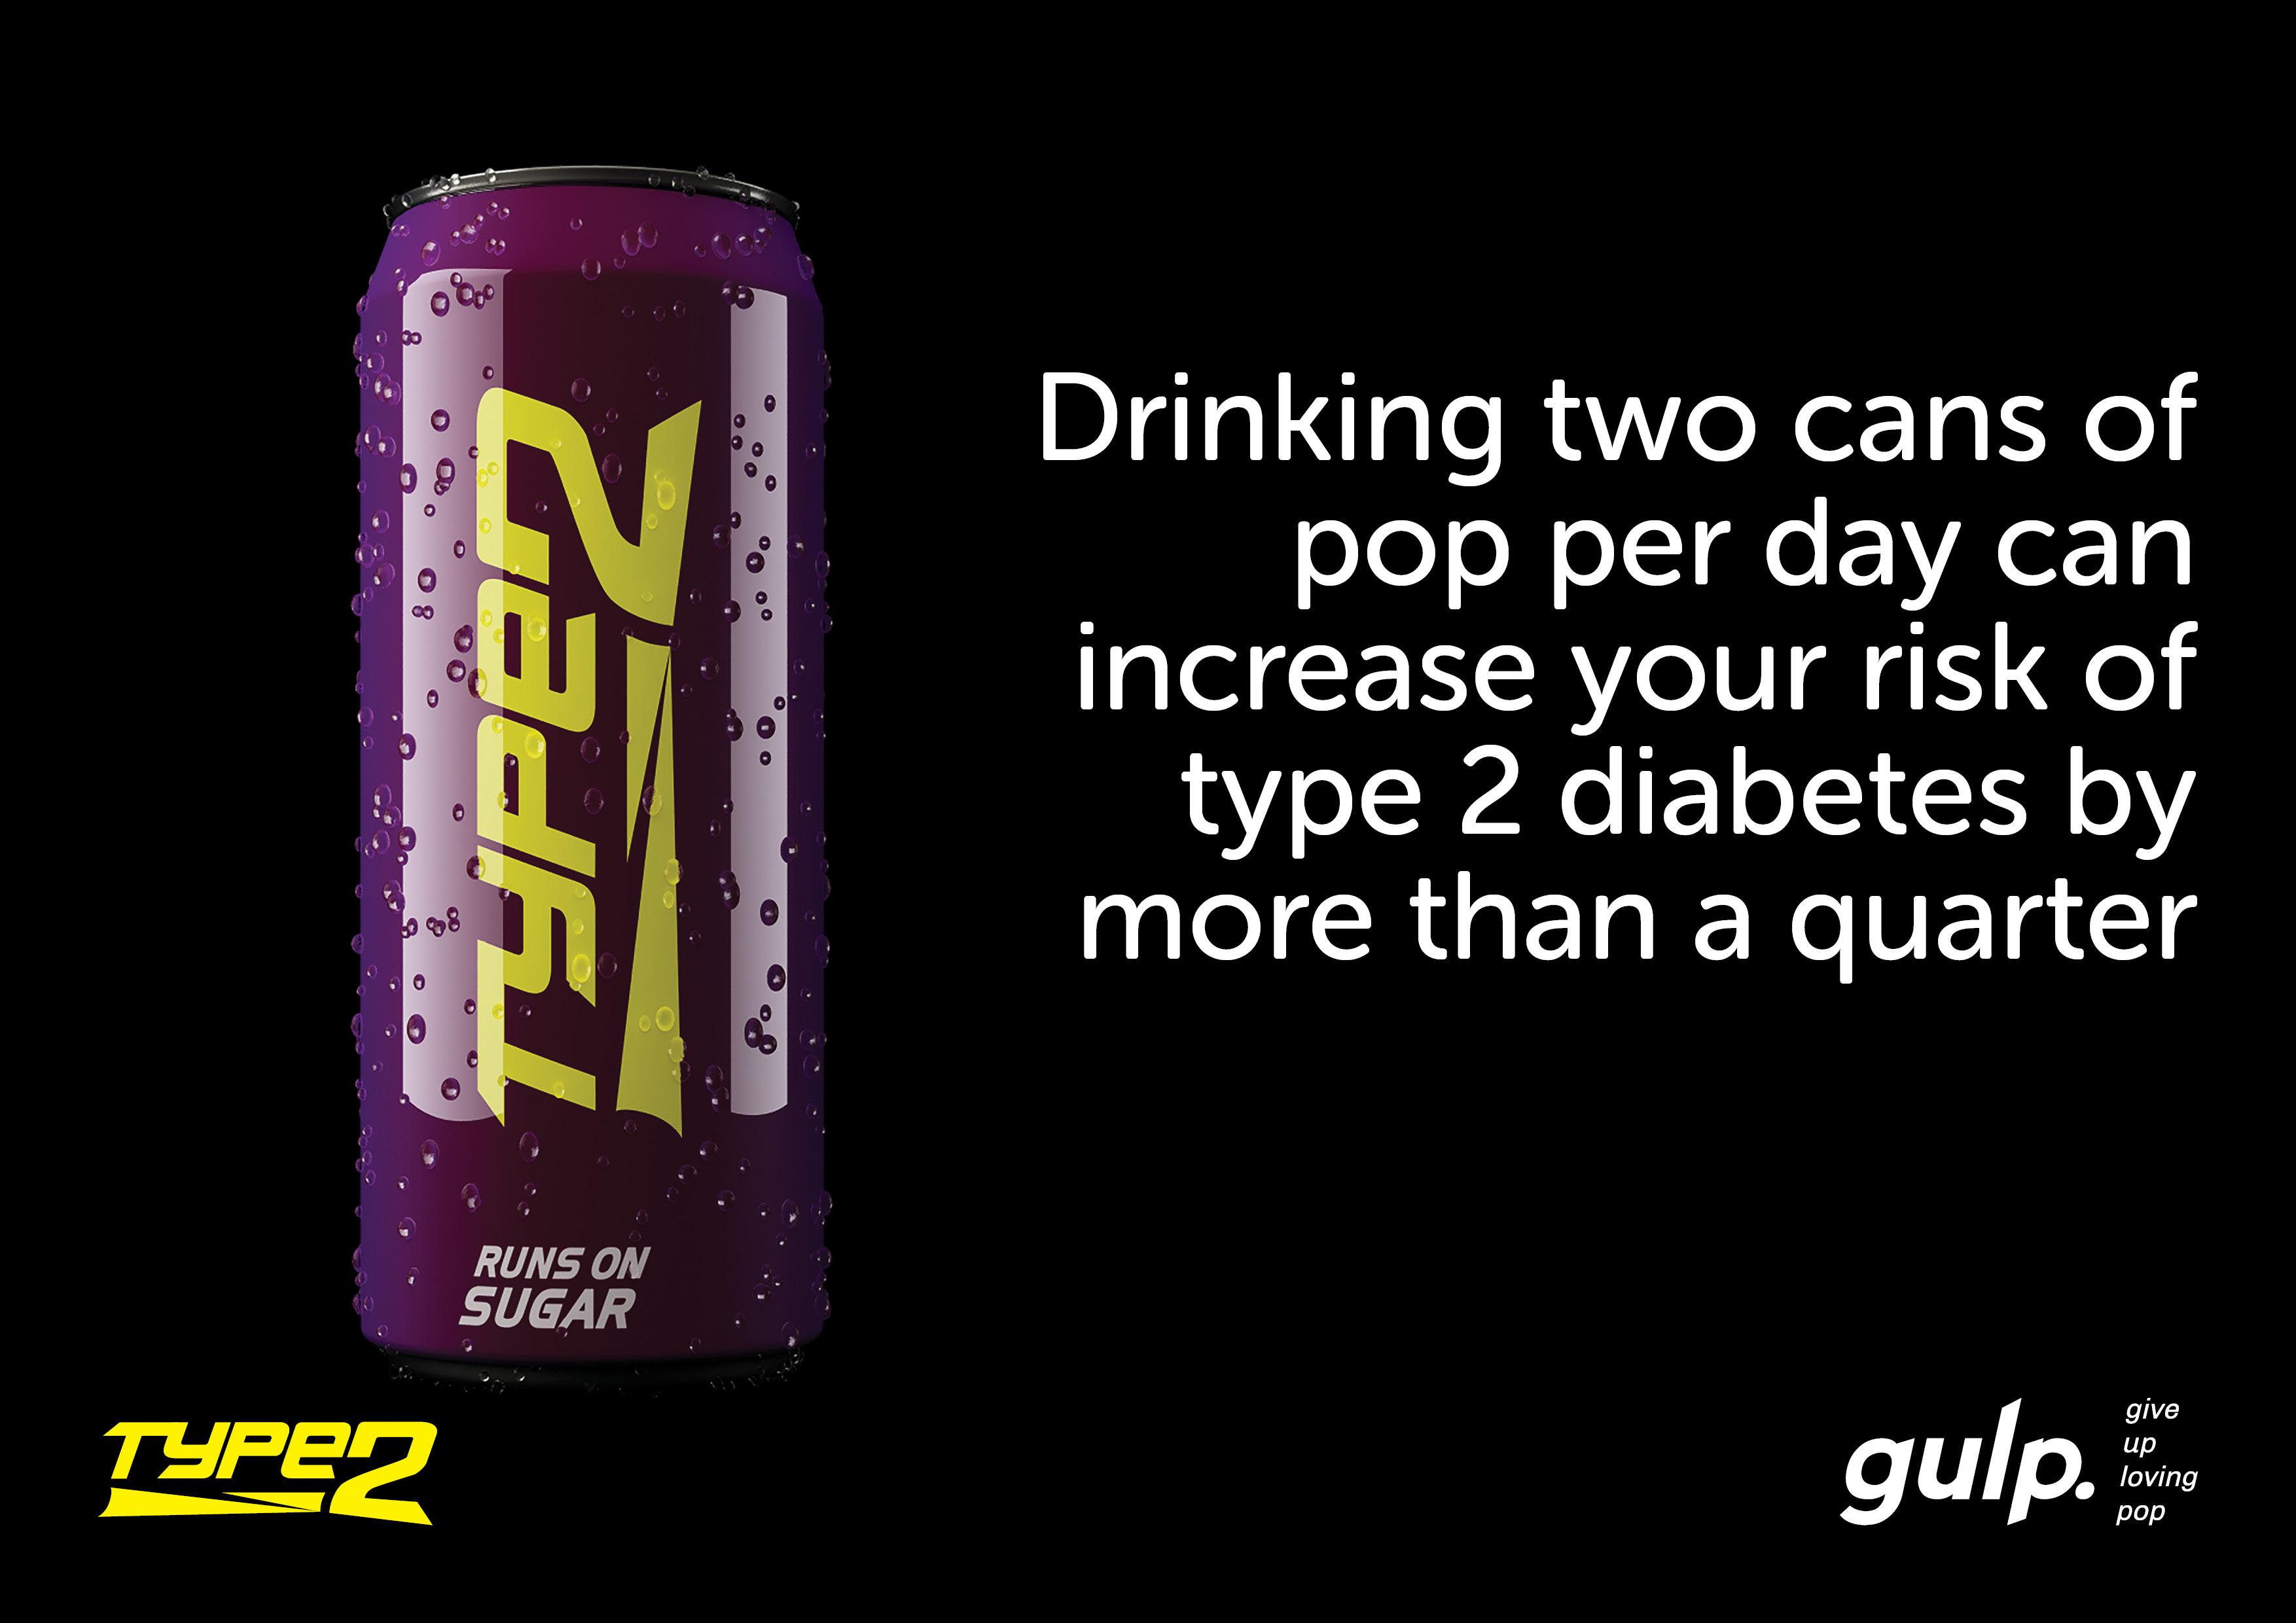 GULP - Type 2